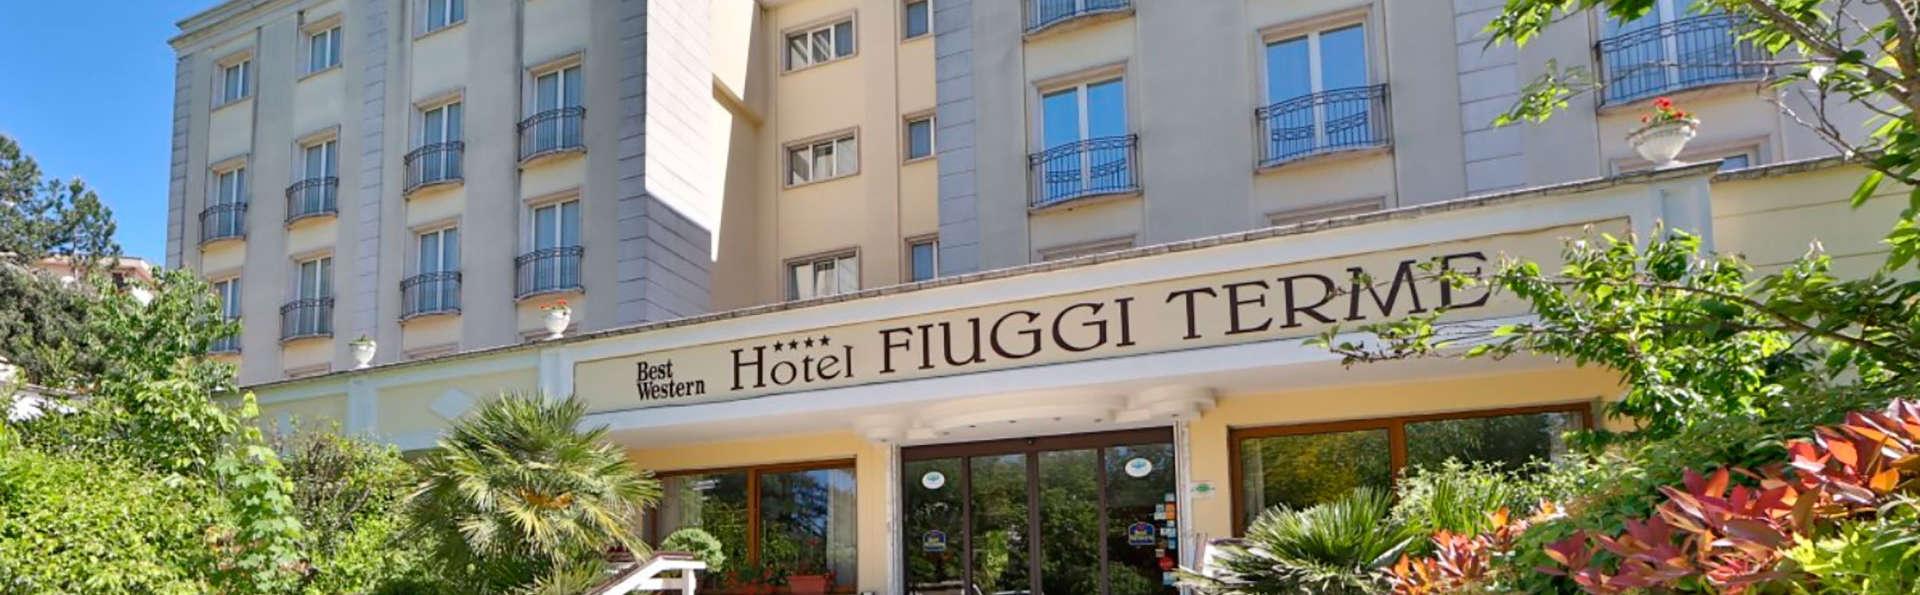 Hotel Fiuggi Terme Resort & SPA - edit_front.jpg